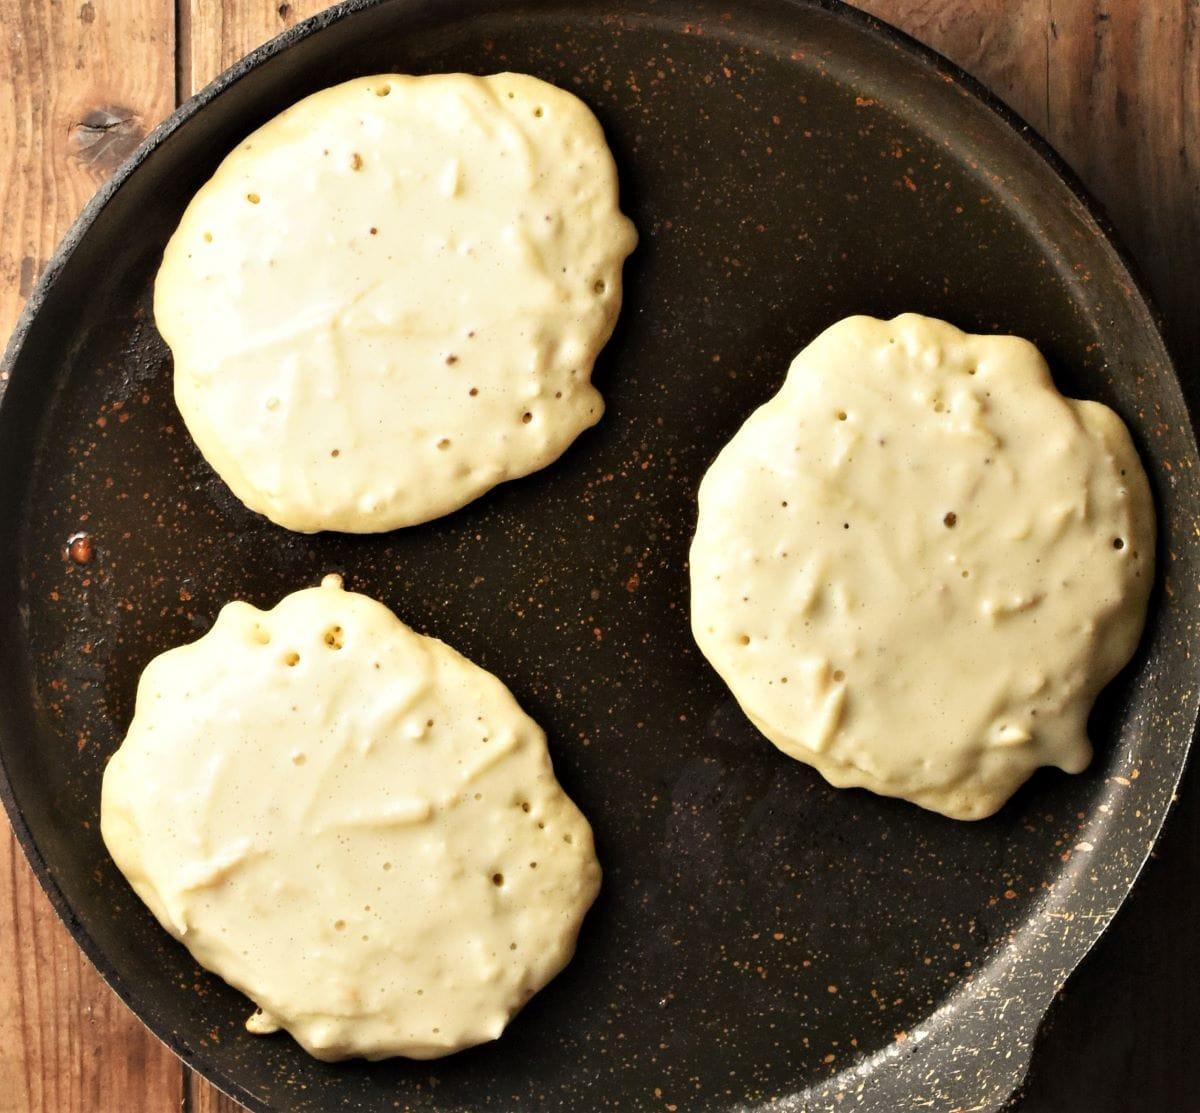 Frying 3 apple pancakes in large pan.